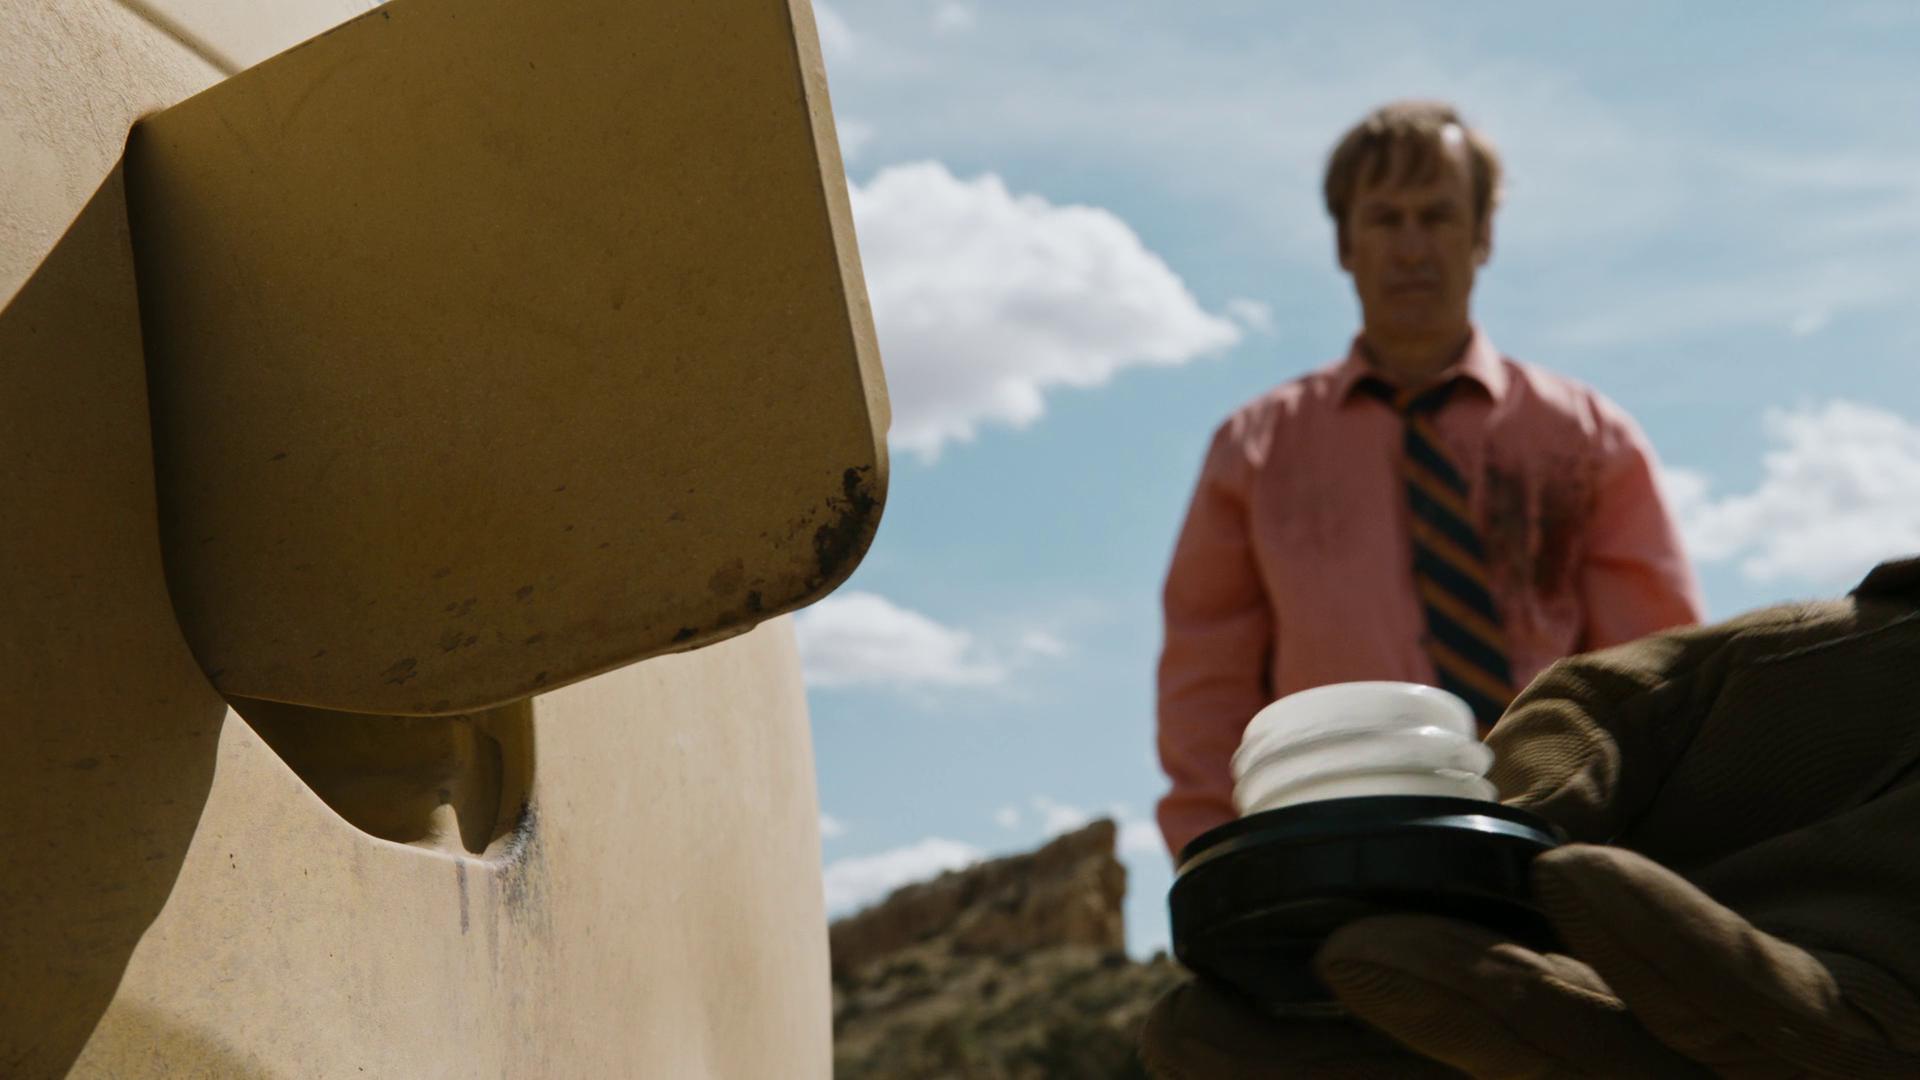 Saul regardant le bouchon du réservoir